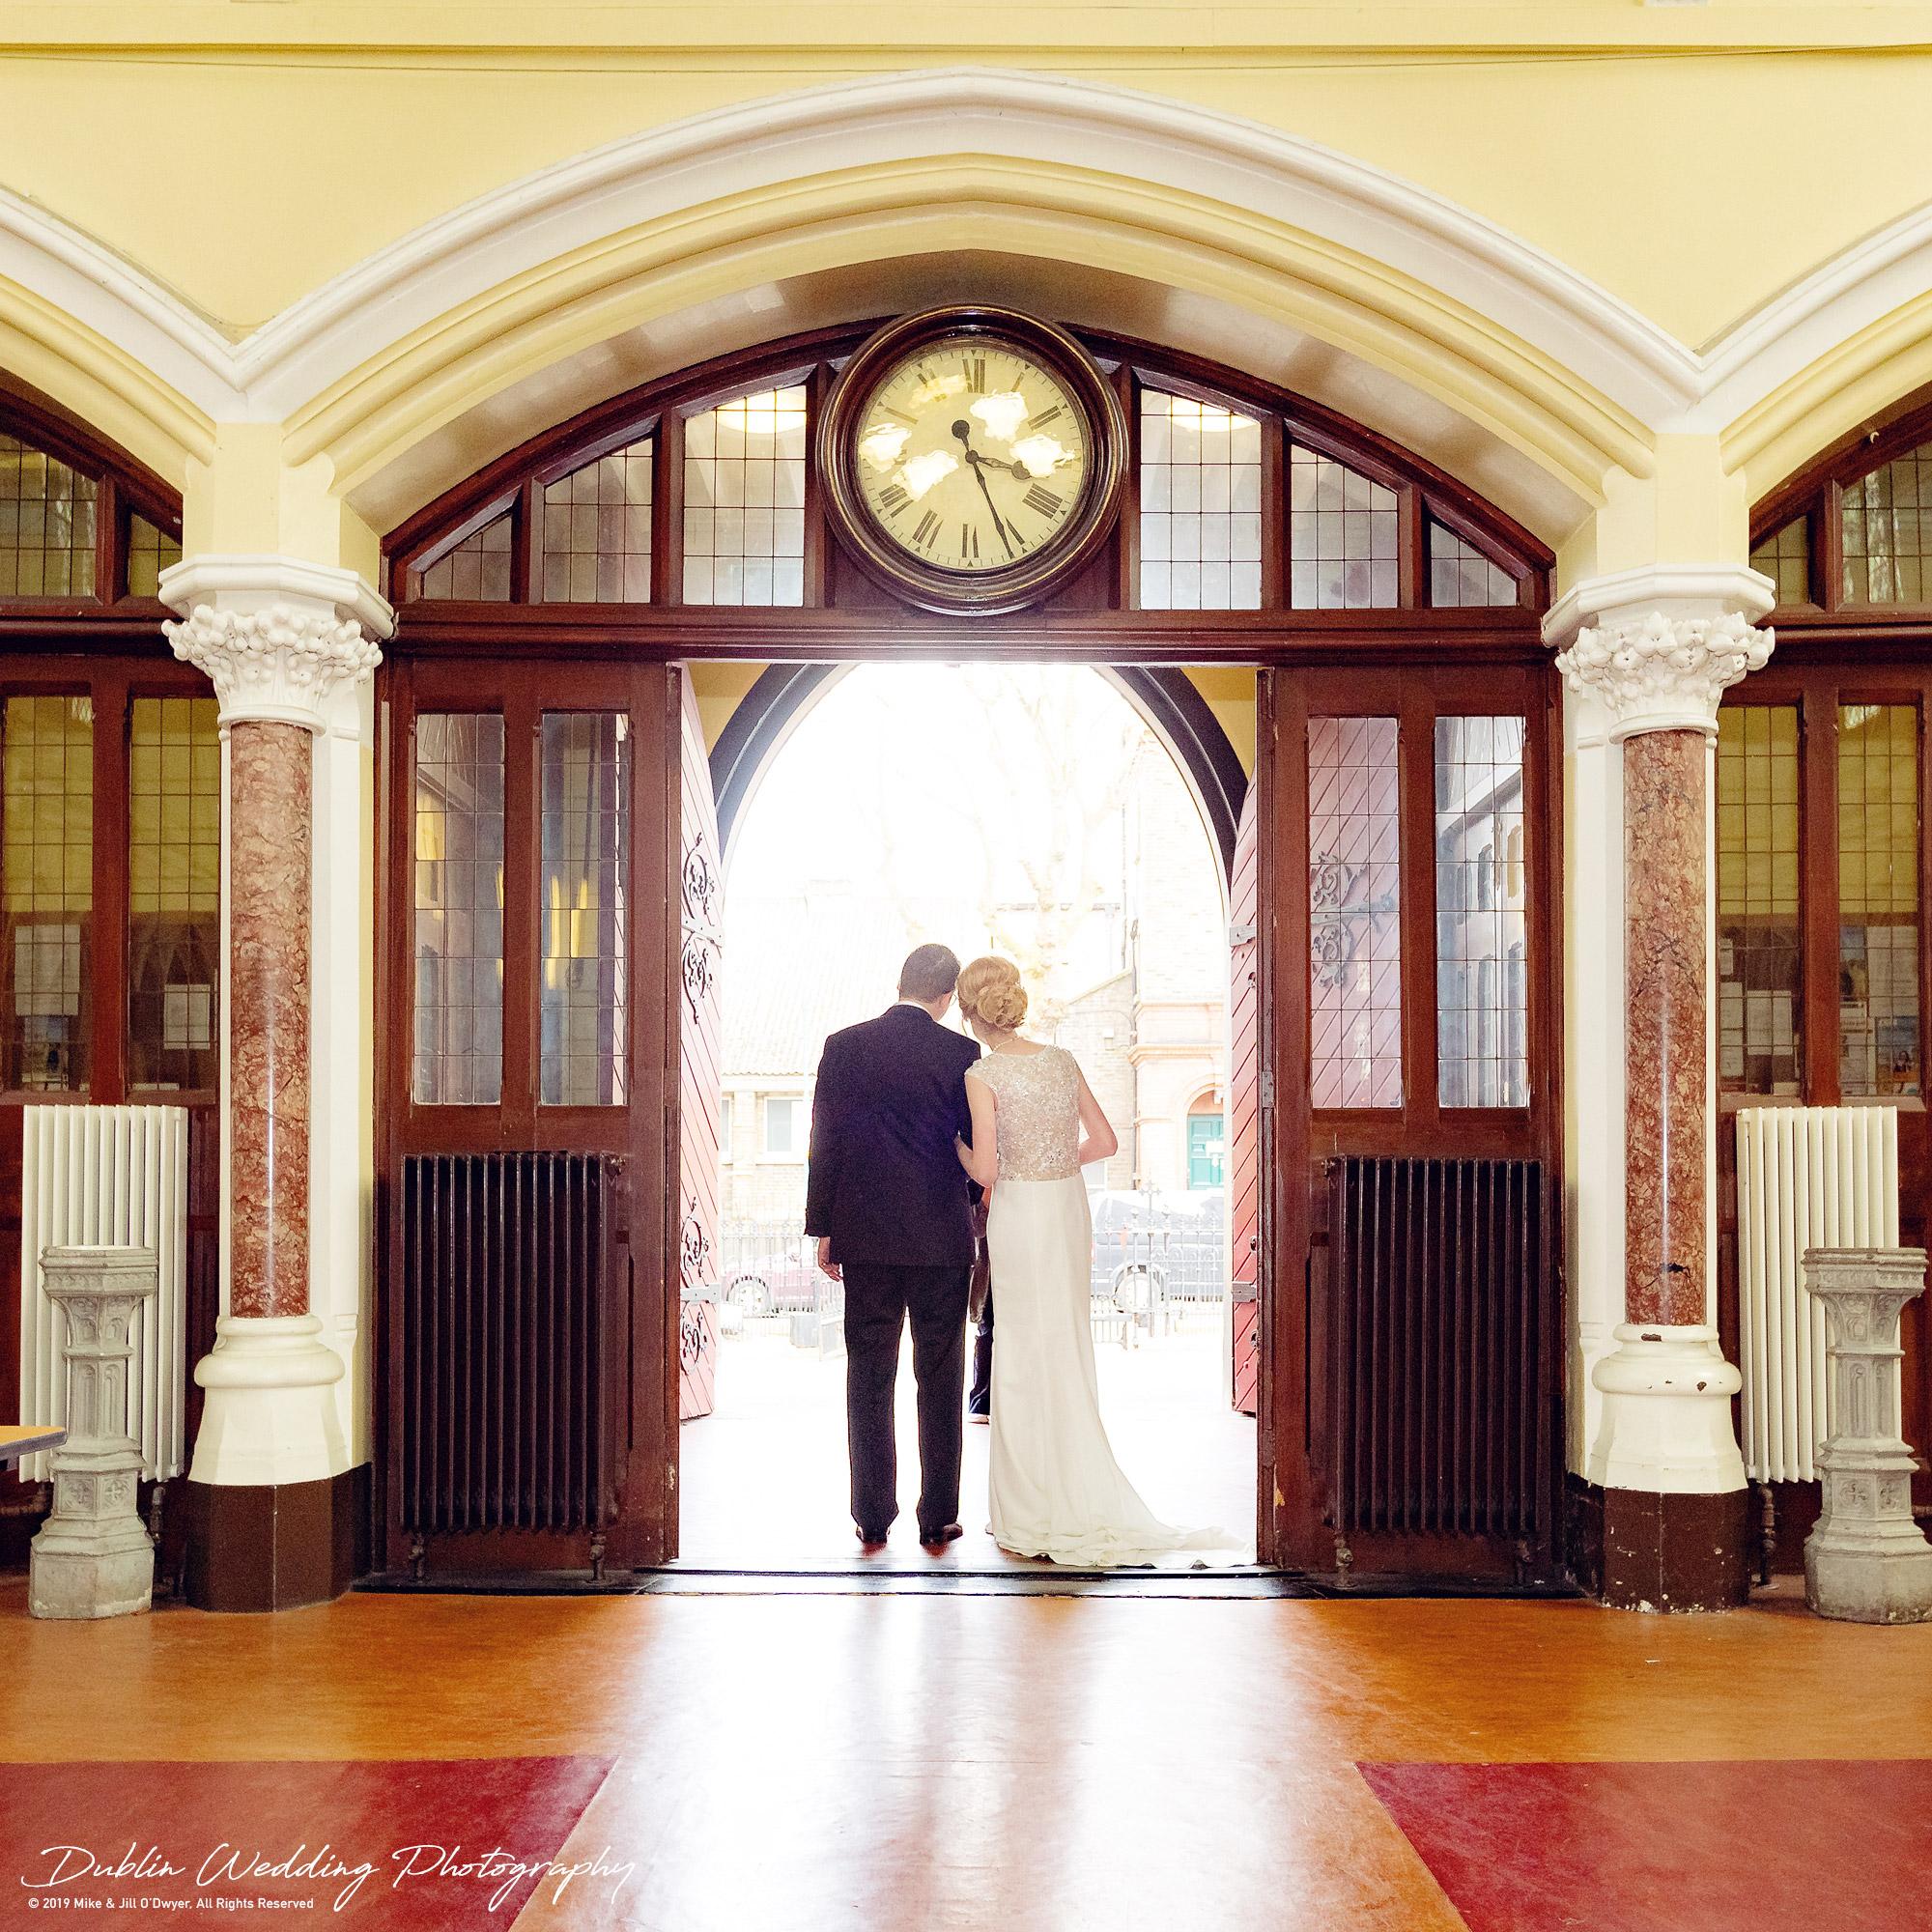 wedding-photographers-dublin-luttrellstown-castle-2016-16.jpg